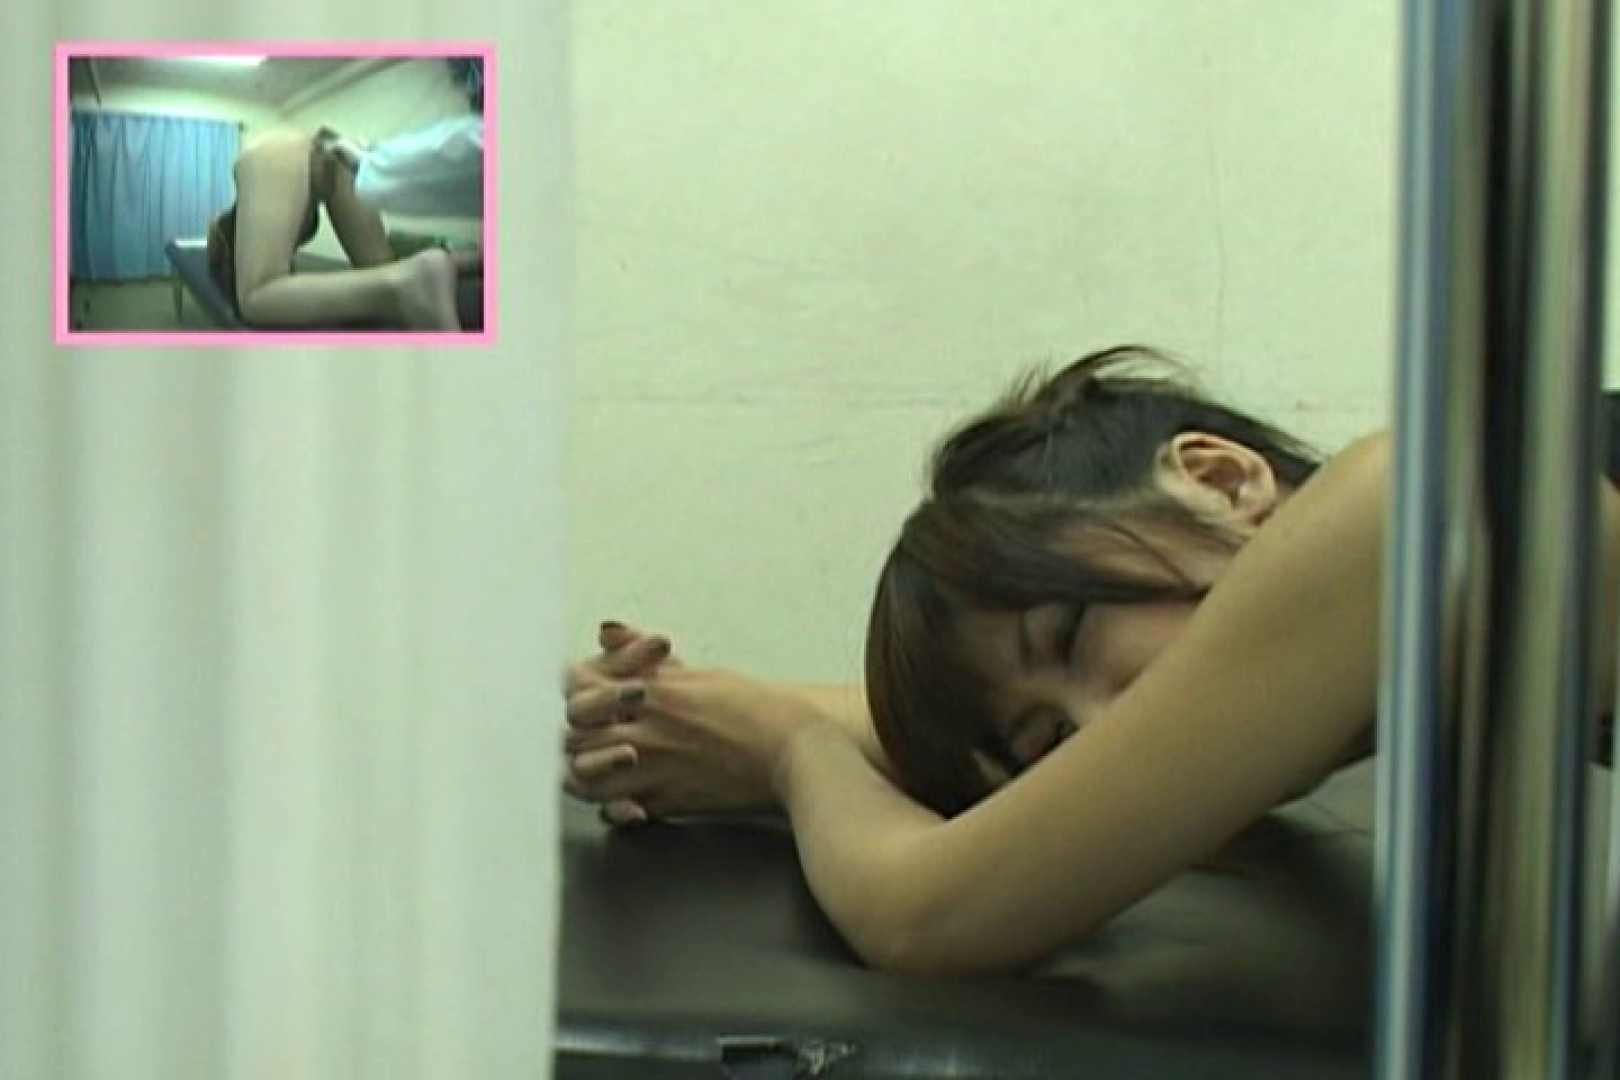 アナルに指を入れられる彼女達の事情Vol.1 美しいOLの裸体 | アナル無修正  107pic 97